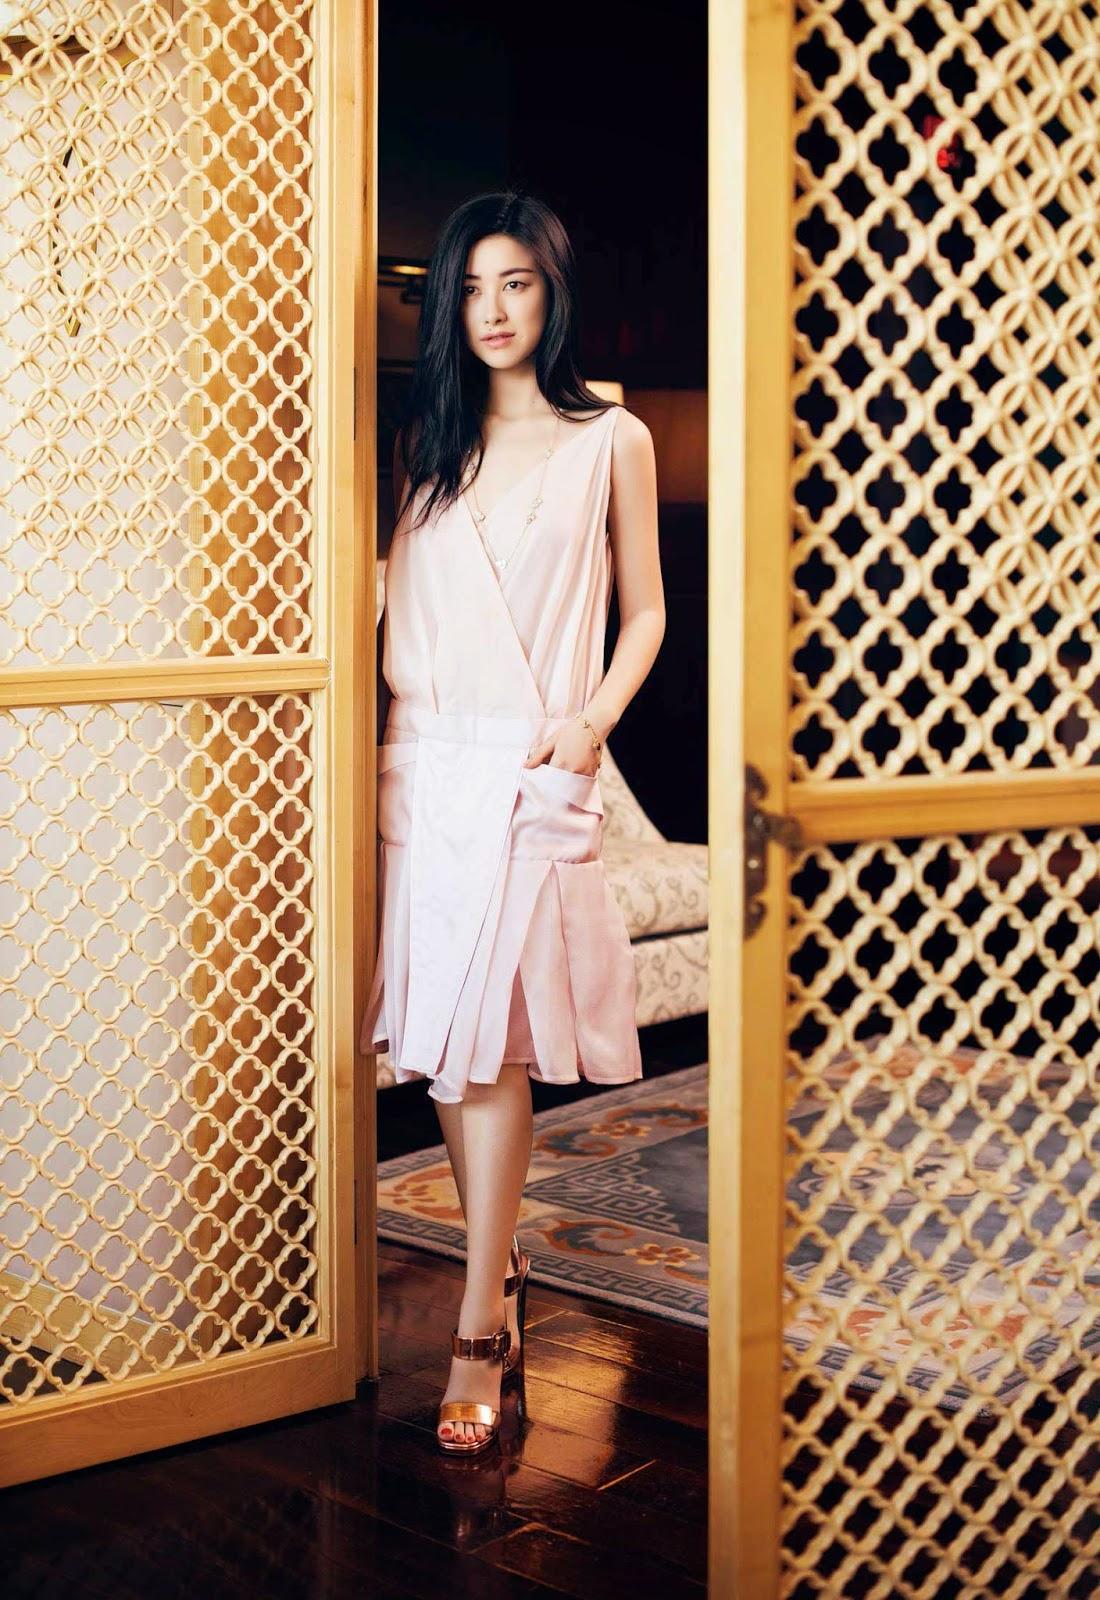 Ass Zhu Zhu naked (64 photo), Ass, Bikini, Twitter, bra 2020